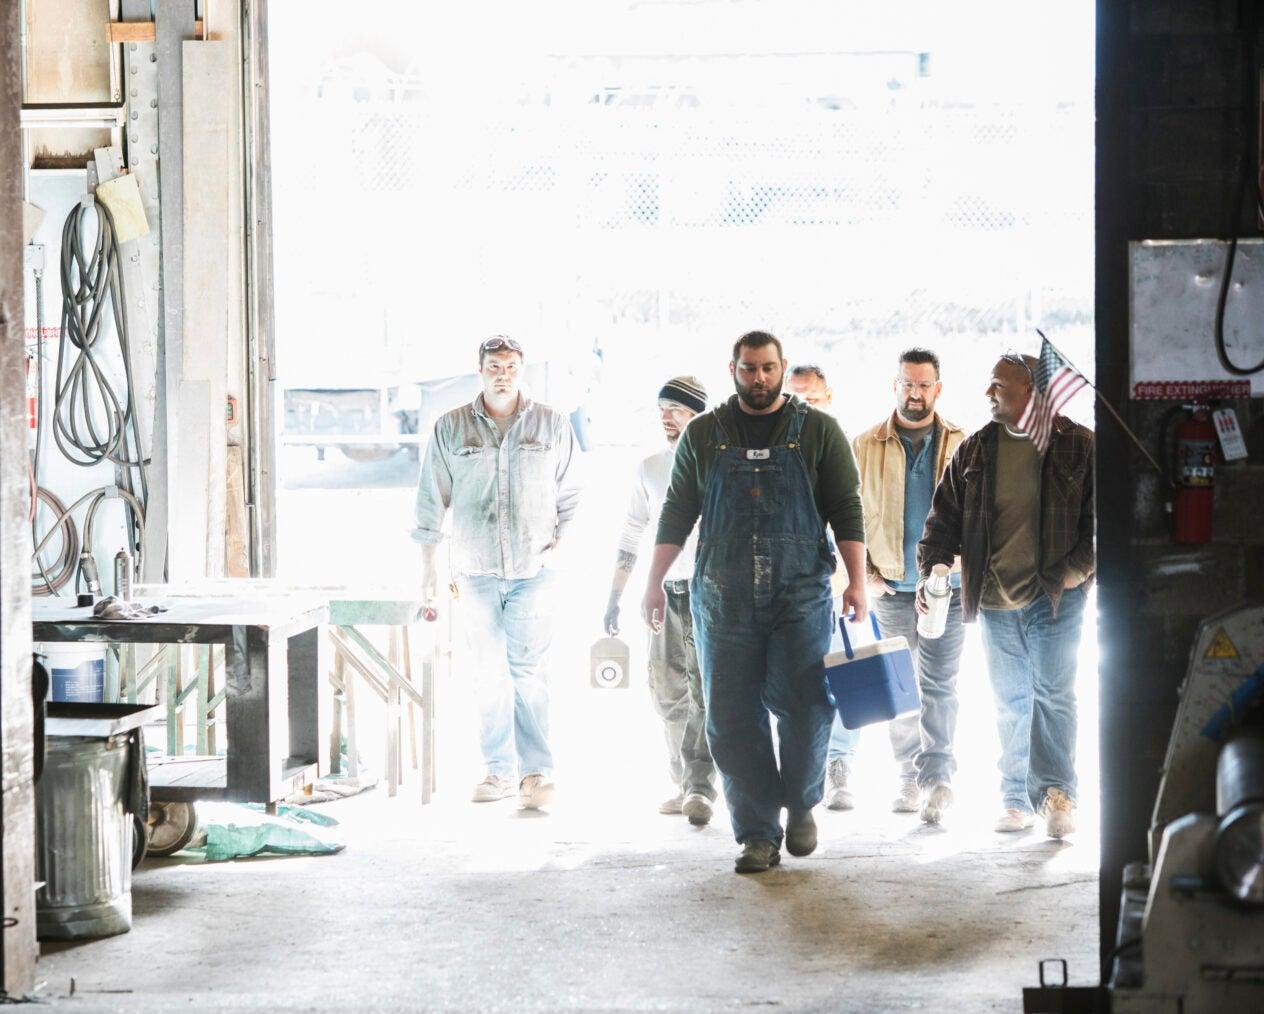 Workers entering door of workshop